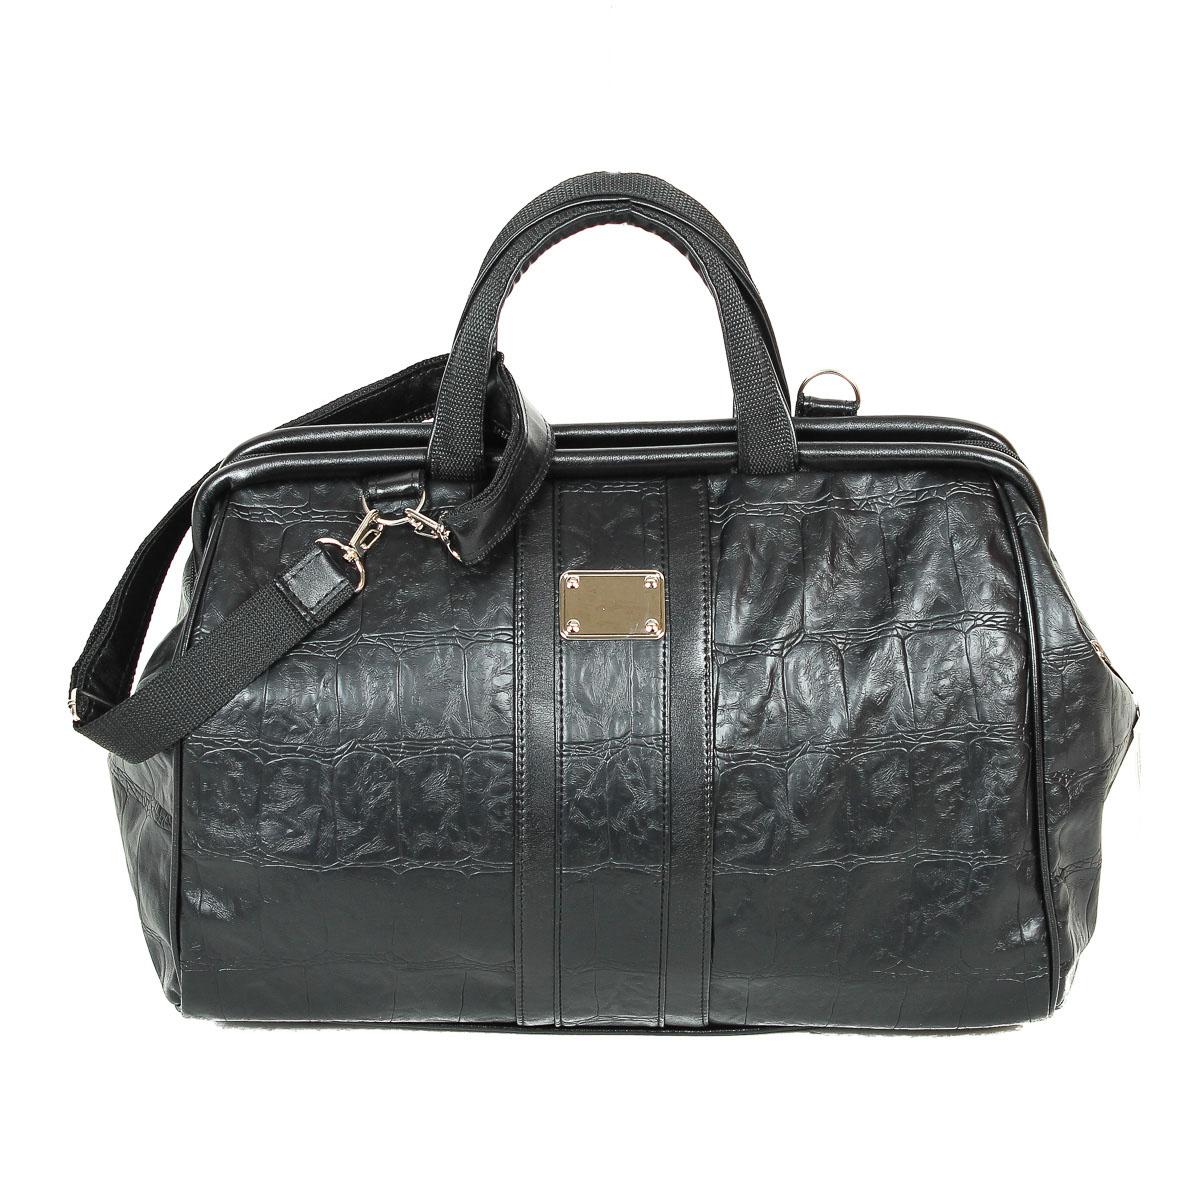 Сумка женская Zemsa, цвет: черный. 3-1153-115Элегантная женская сумка изготовлена из искусственной кожи, оформлена тиснением и металлической декоративной пластинкой. Изделие закрывается на застежку-молнию с двумя бегунками. Внутри - одно отделение, так же есть вшитый карман на застежке-молнии и накладной кармашек для мобильного телефона. Задняя сторона сумки дополнена втачным карманом на застежке-молнии. Дно защищено от повреждений пластиковыми ножками. Длинный съемный ремень идет в комплекте с сумкой. Сумка Zemsa - это практичный и модный аксессуар, который станет функциональным дополнением к любому стилю.